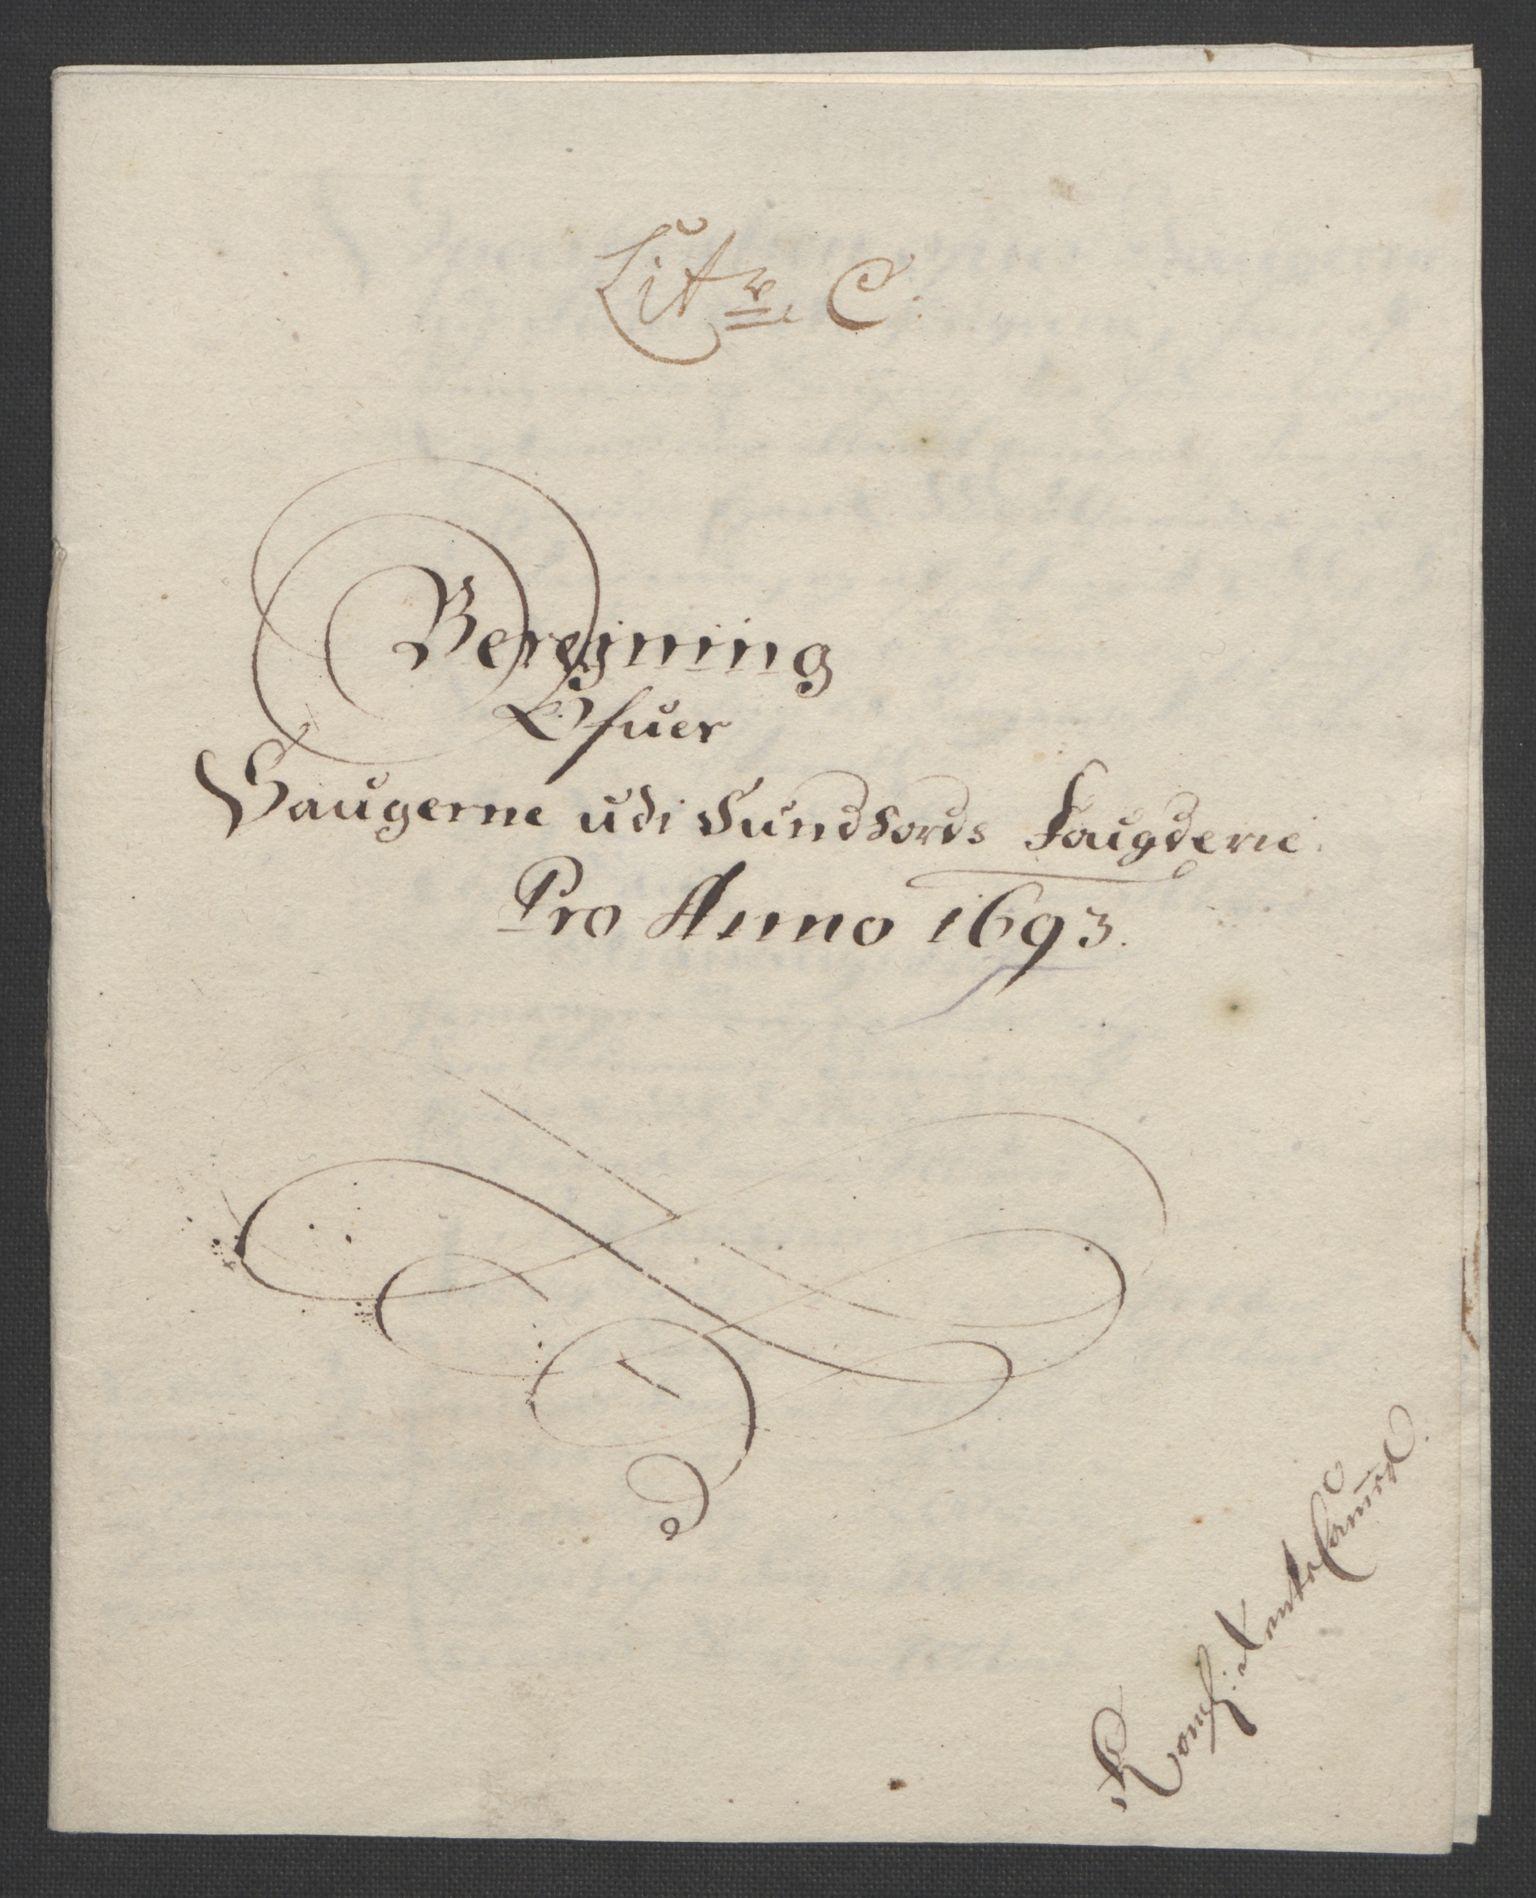 RA, Rentekammeret inntil 1814, Reviderte regnskaper, Fogderegnskap, R48/L2974: Fogderegnskap Sunnhordland og Hardanger, 1693, s. 71